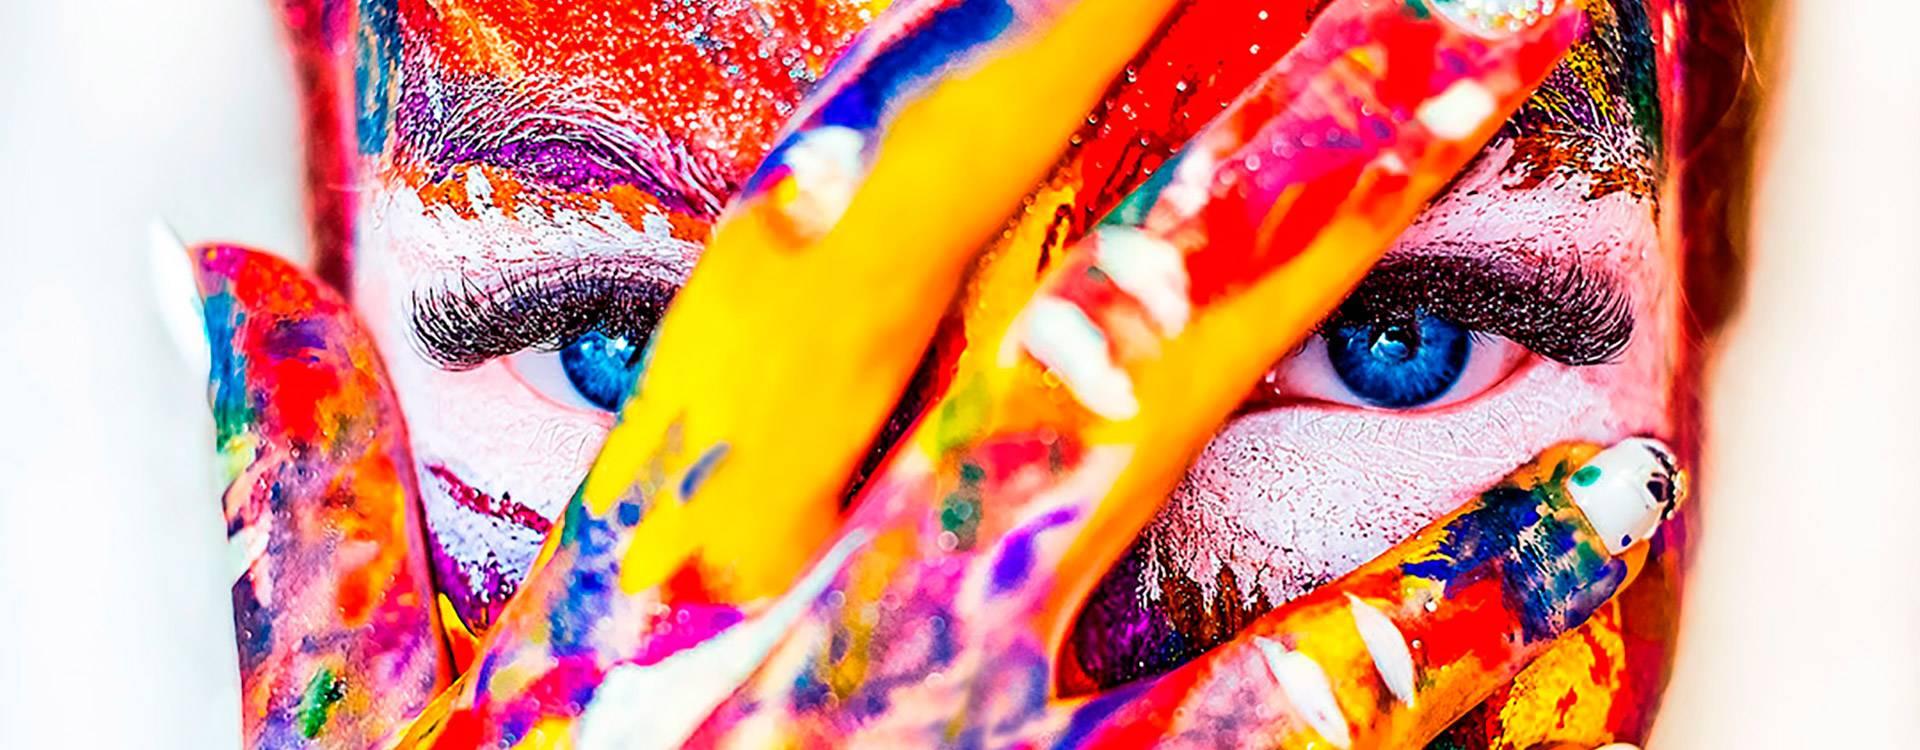 Sexo de todos los colores